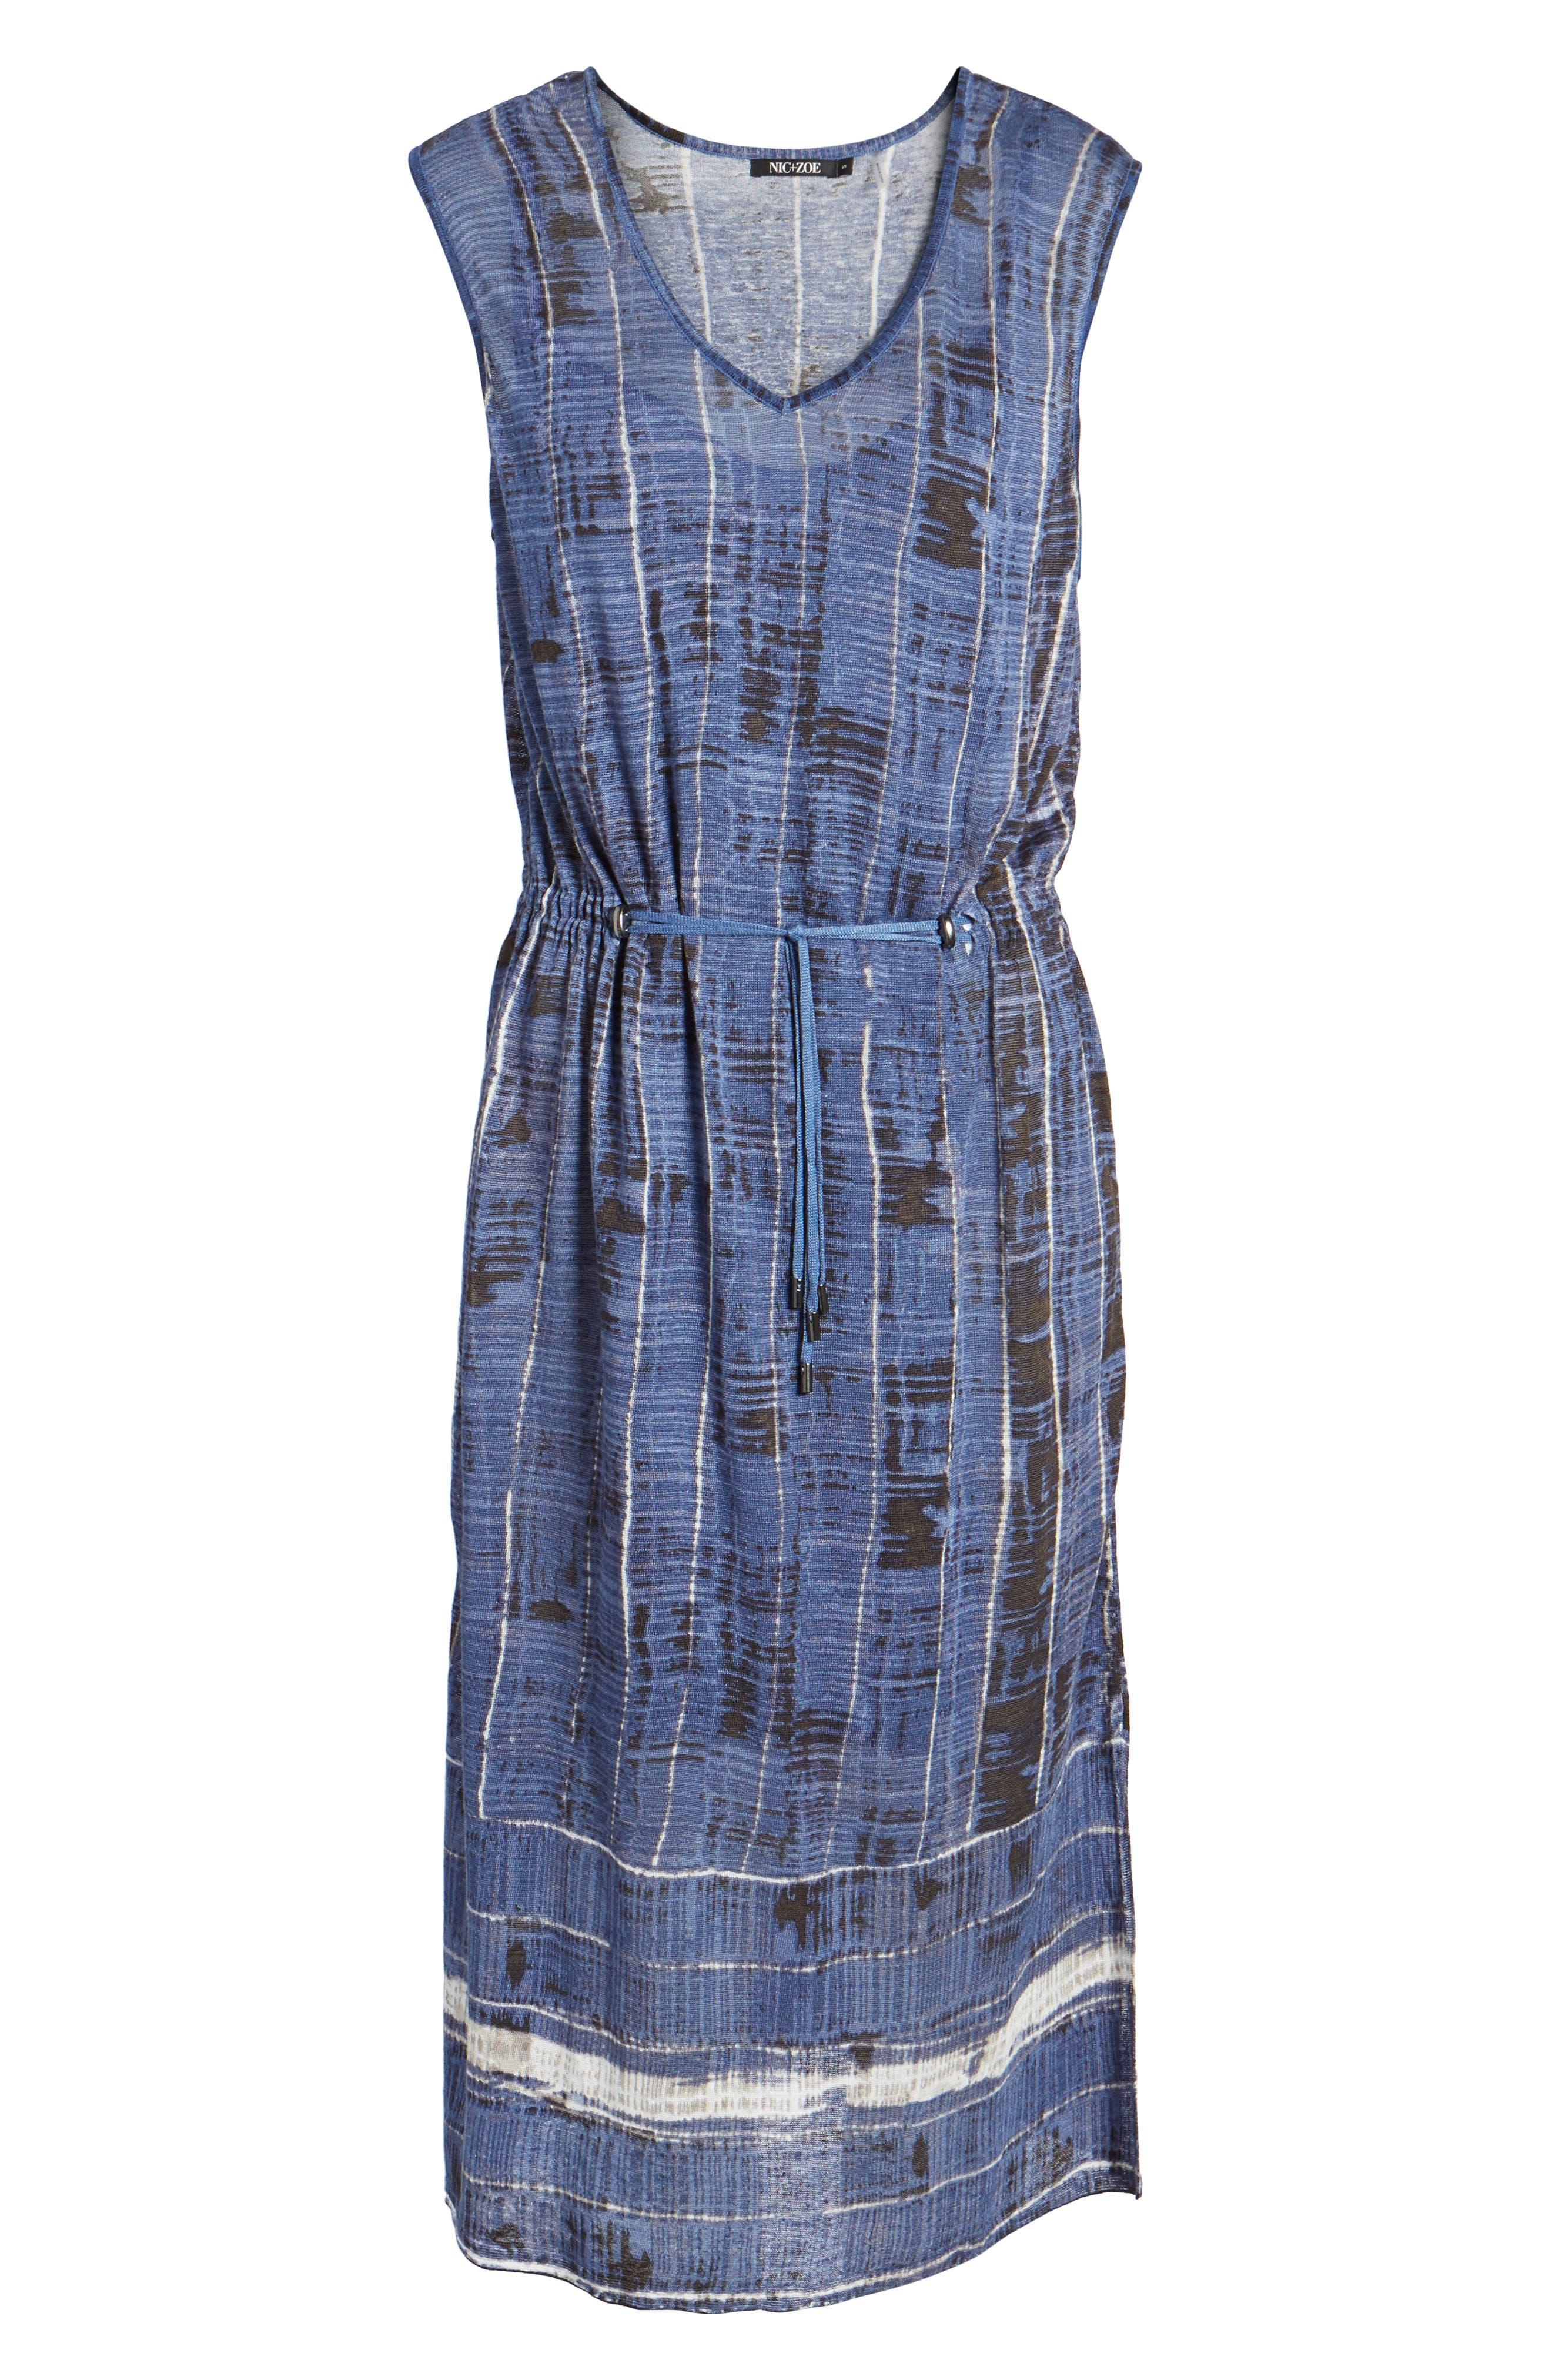 Coastline A-Line Dress,                             Alternate thumbnail 6, color,                             490